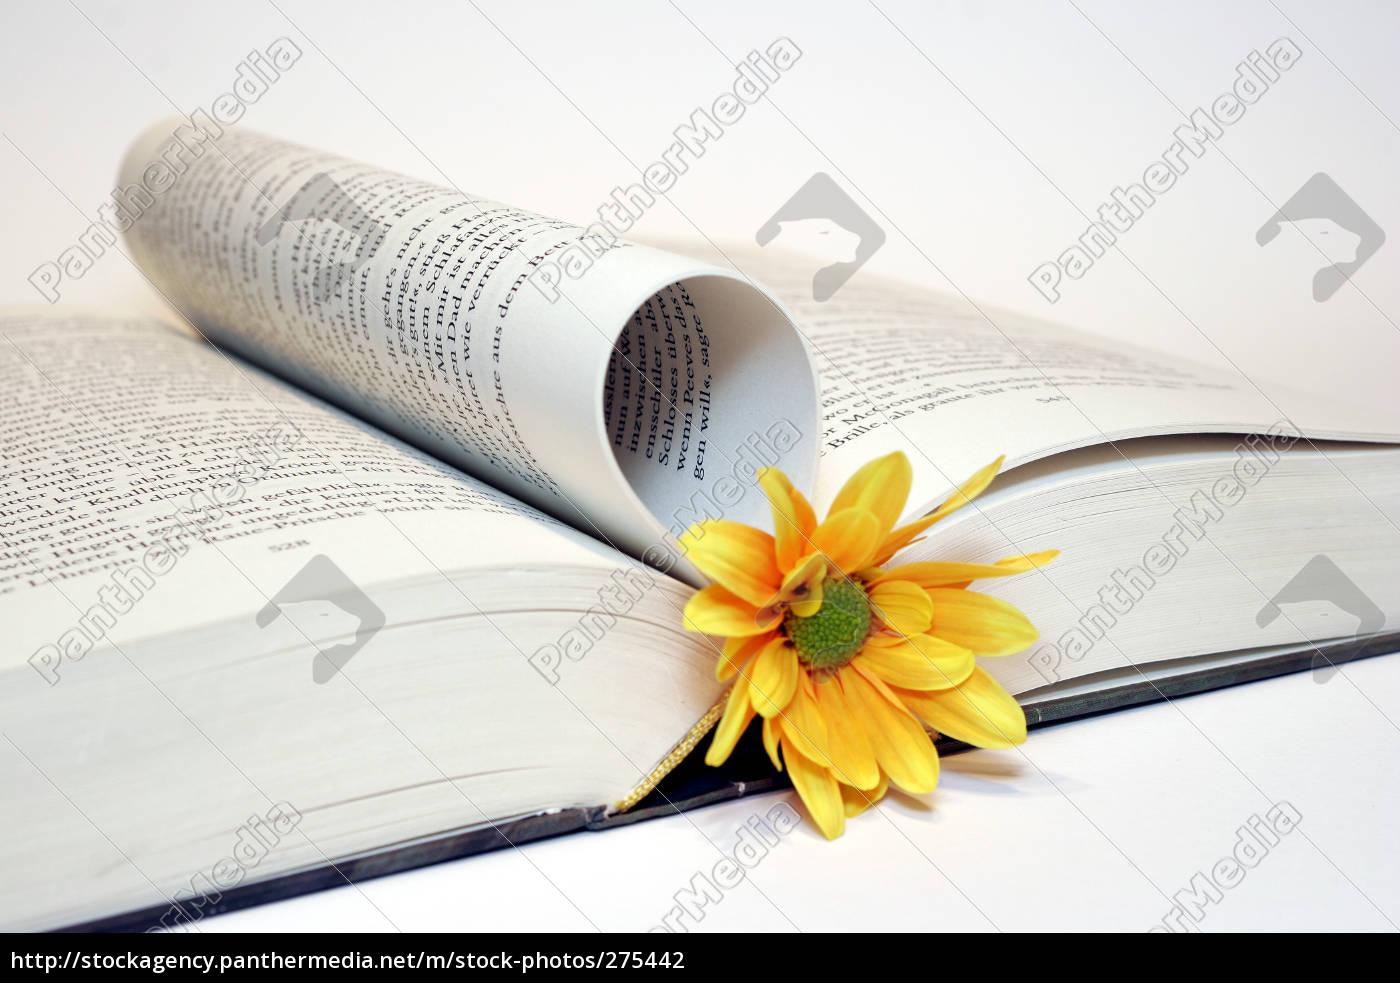 bookmark - 275442